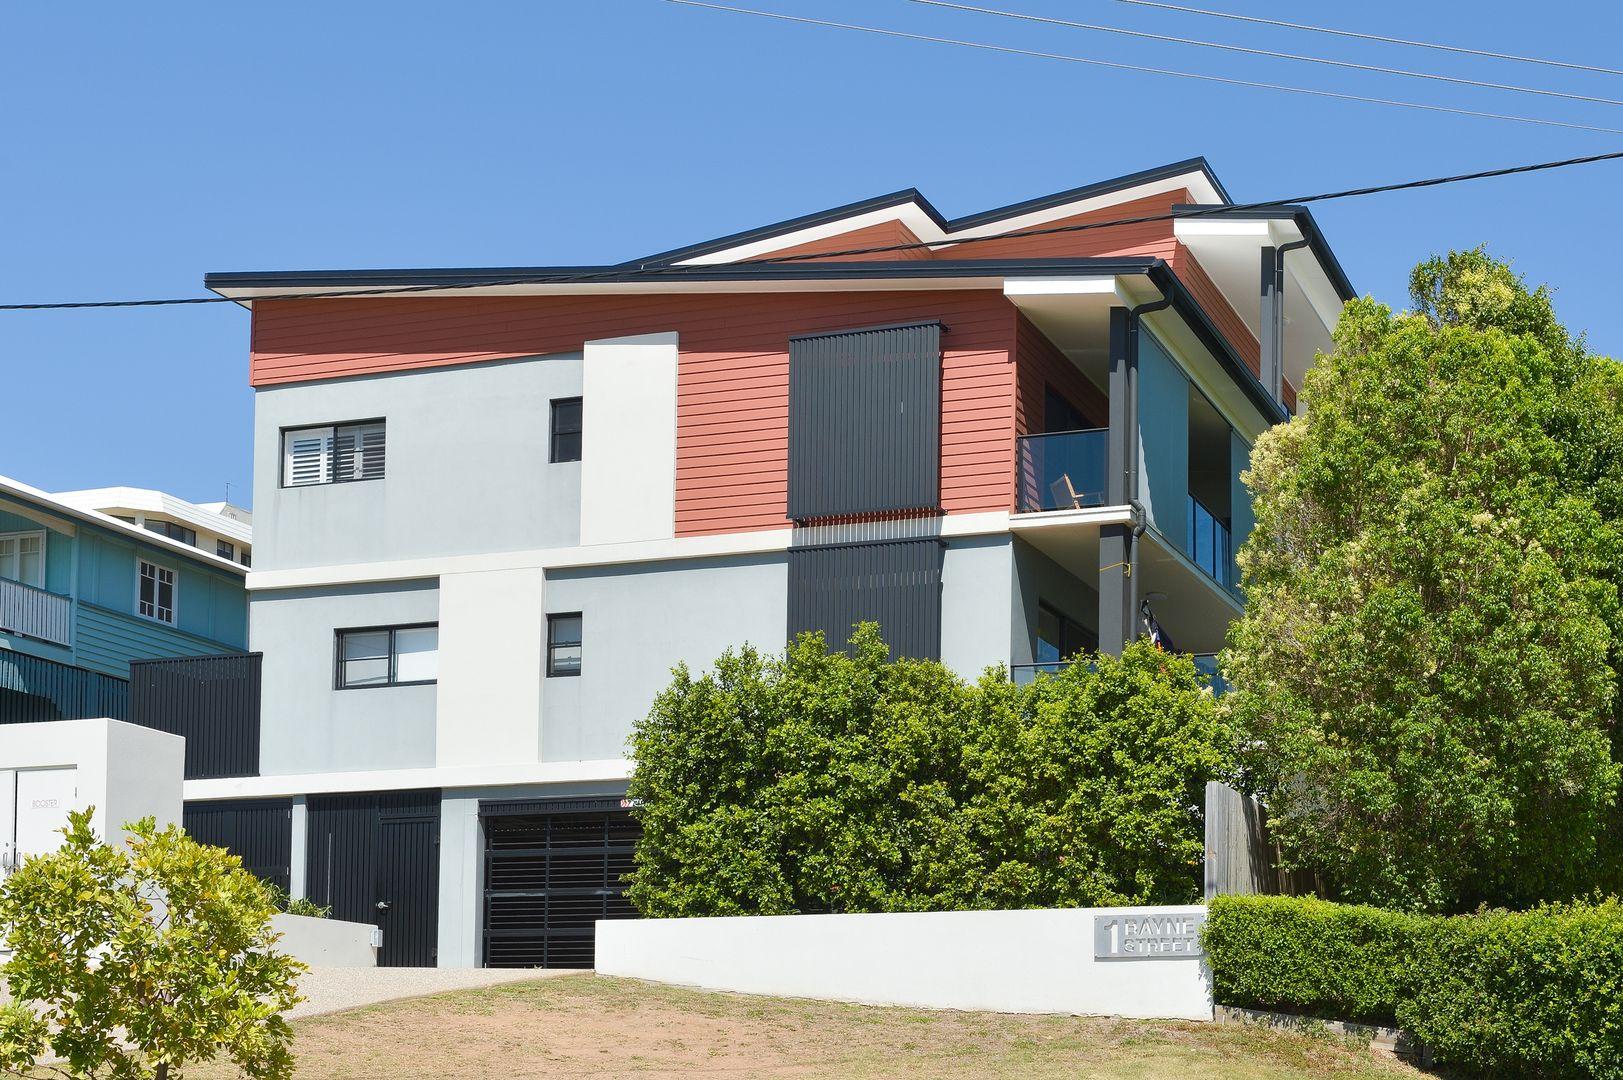 3/1 Bayne Street, West Gladstone QLD 4680, Image 0